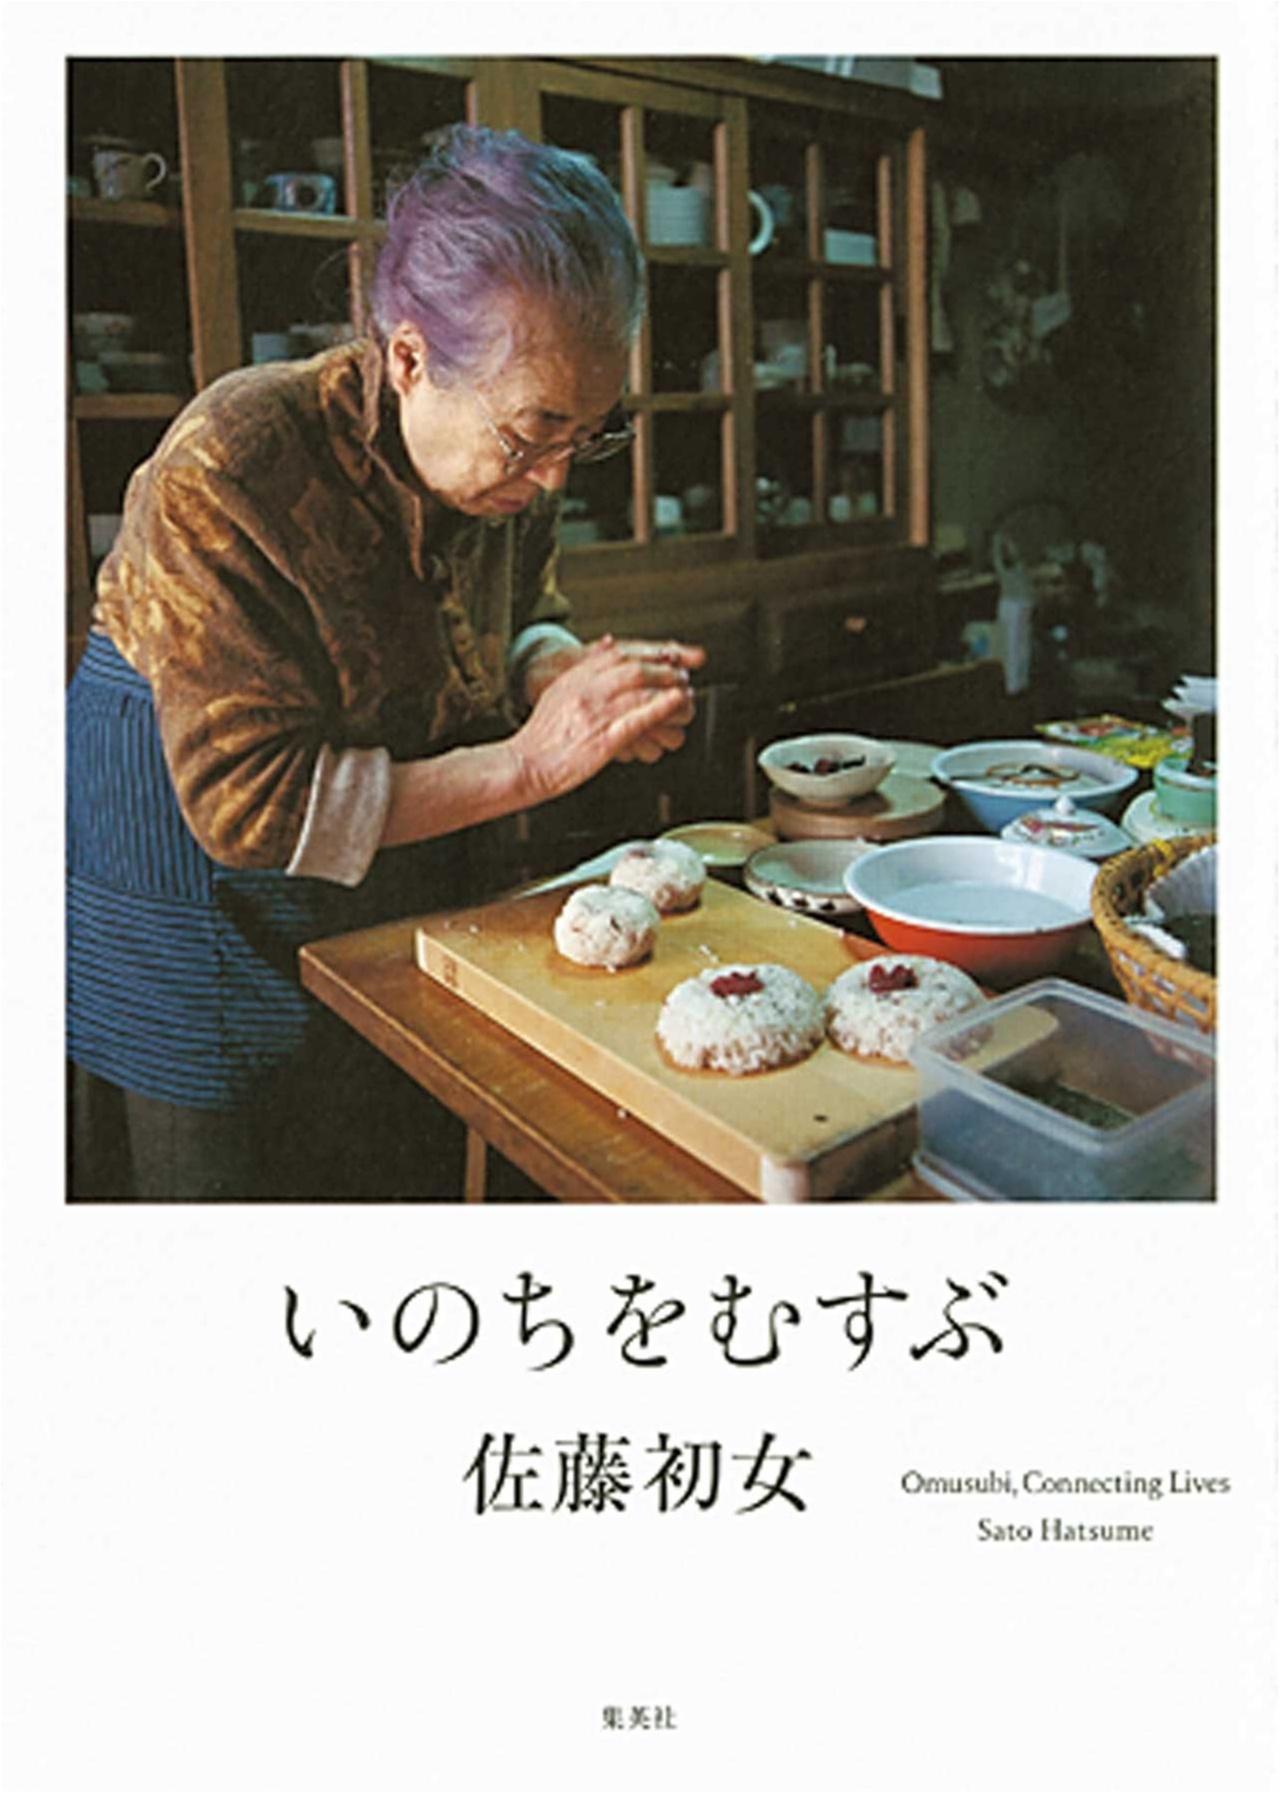 94歳で天に召された佐藤初女さんのメッセージ『いのちをむすぶ』など今月のオススメ★BOOK _1